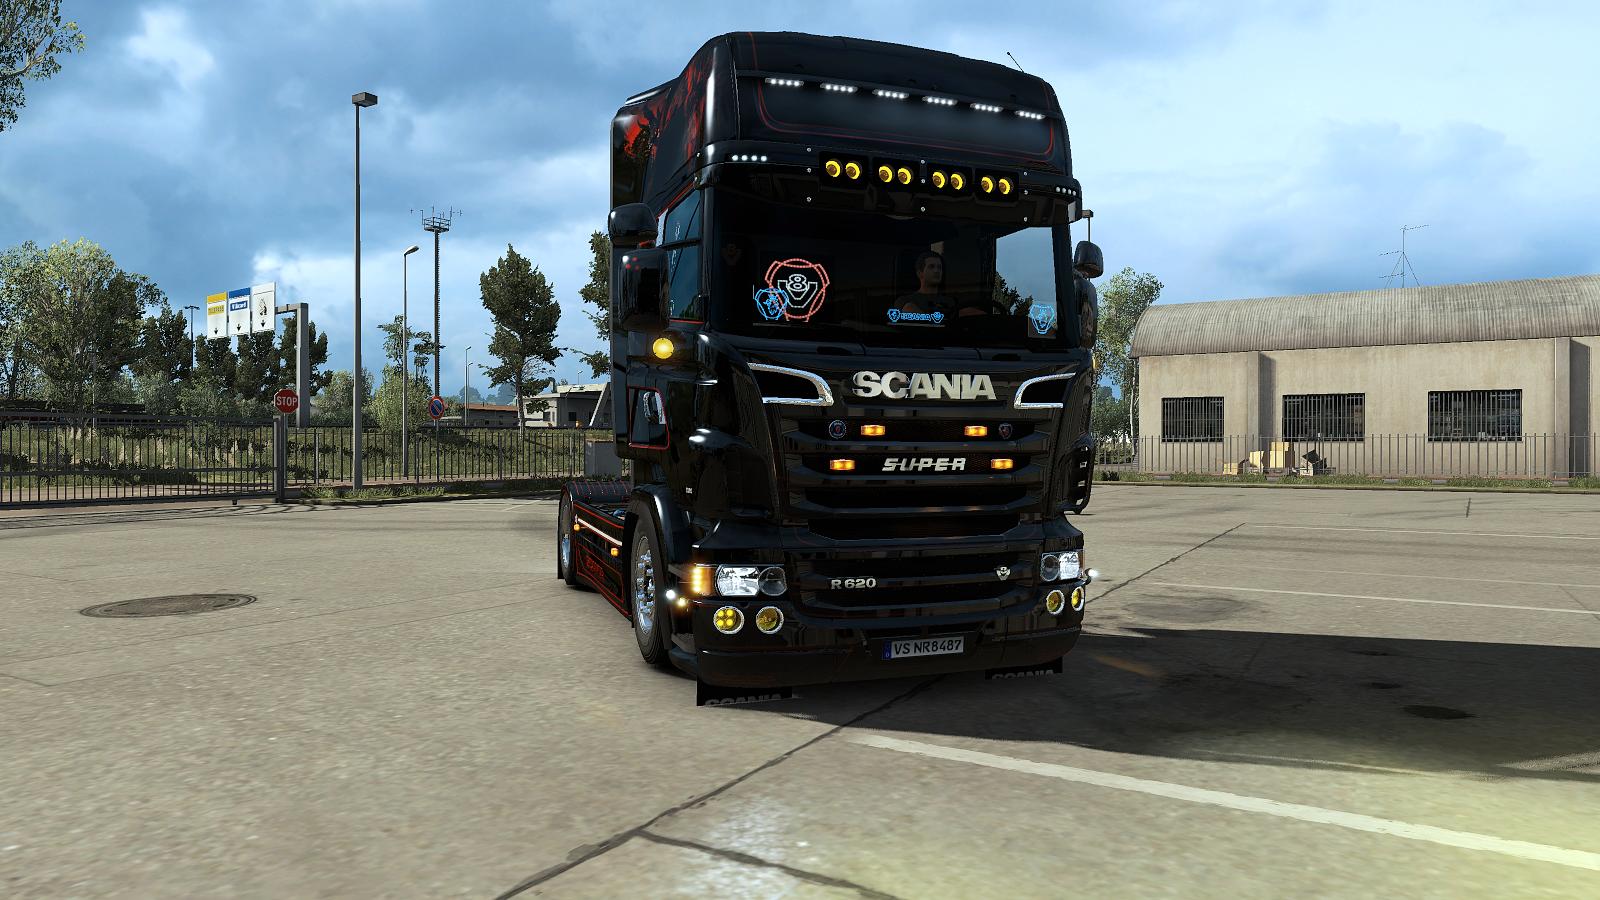 eurotrucks2 2018-06-09 23-02-19.png - Euro Truck Simulator 2